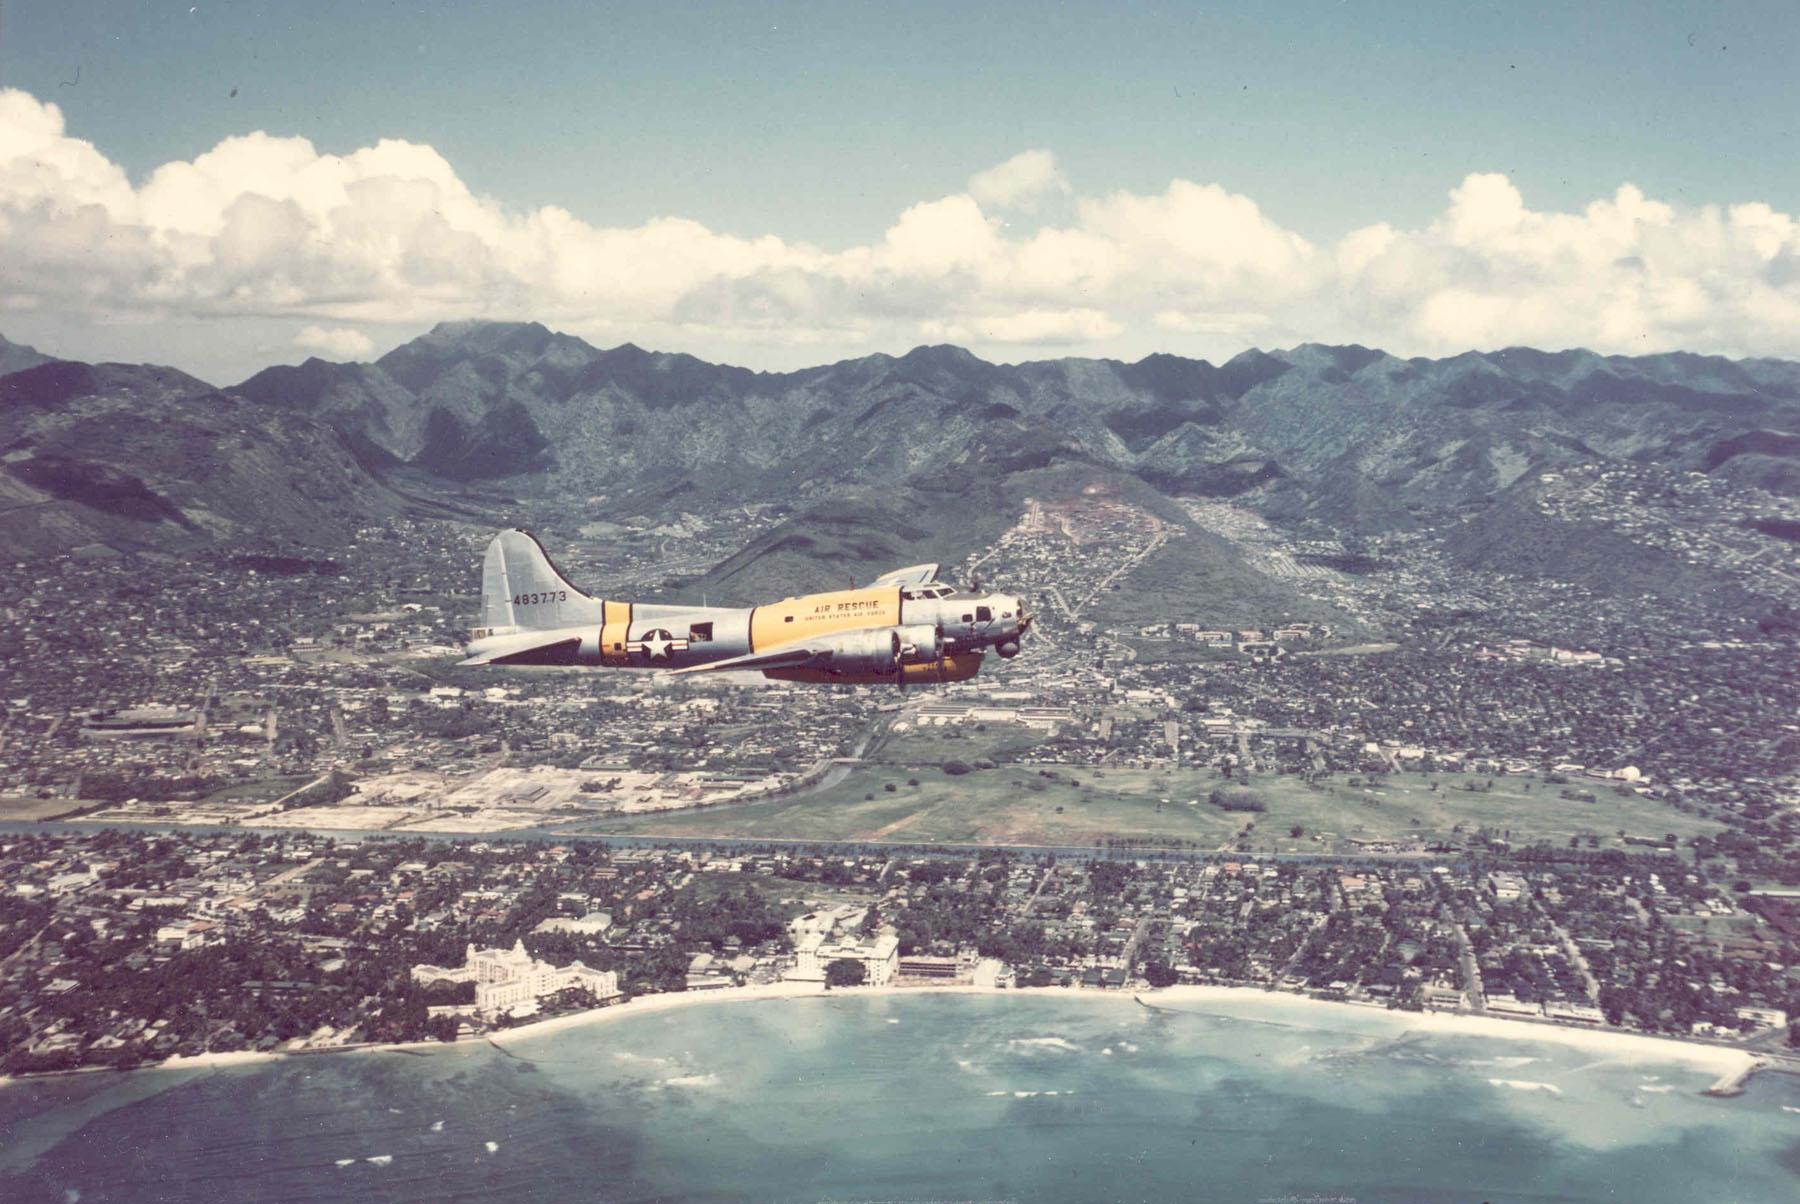 ratownicze b-17 | SB-17G-95-DL (S/N 44-83773) nad Oahu w okresie między drugą wojną światową a wojną koreańską (fot. US Air Force)